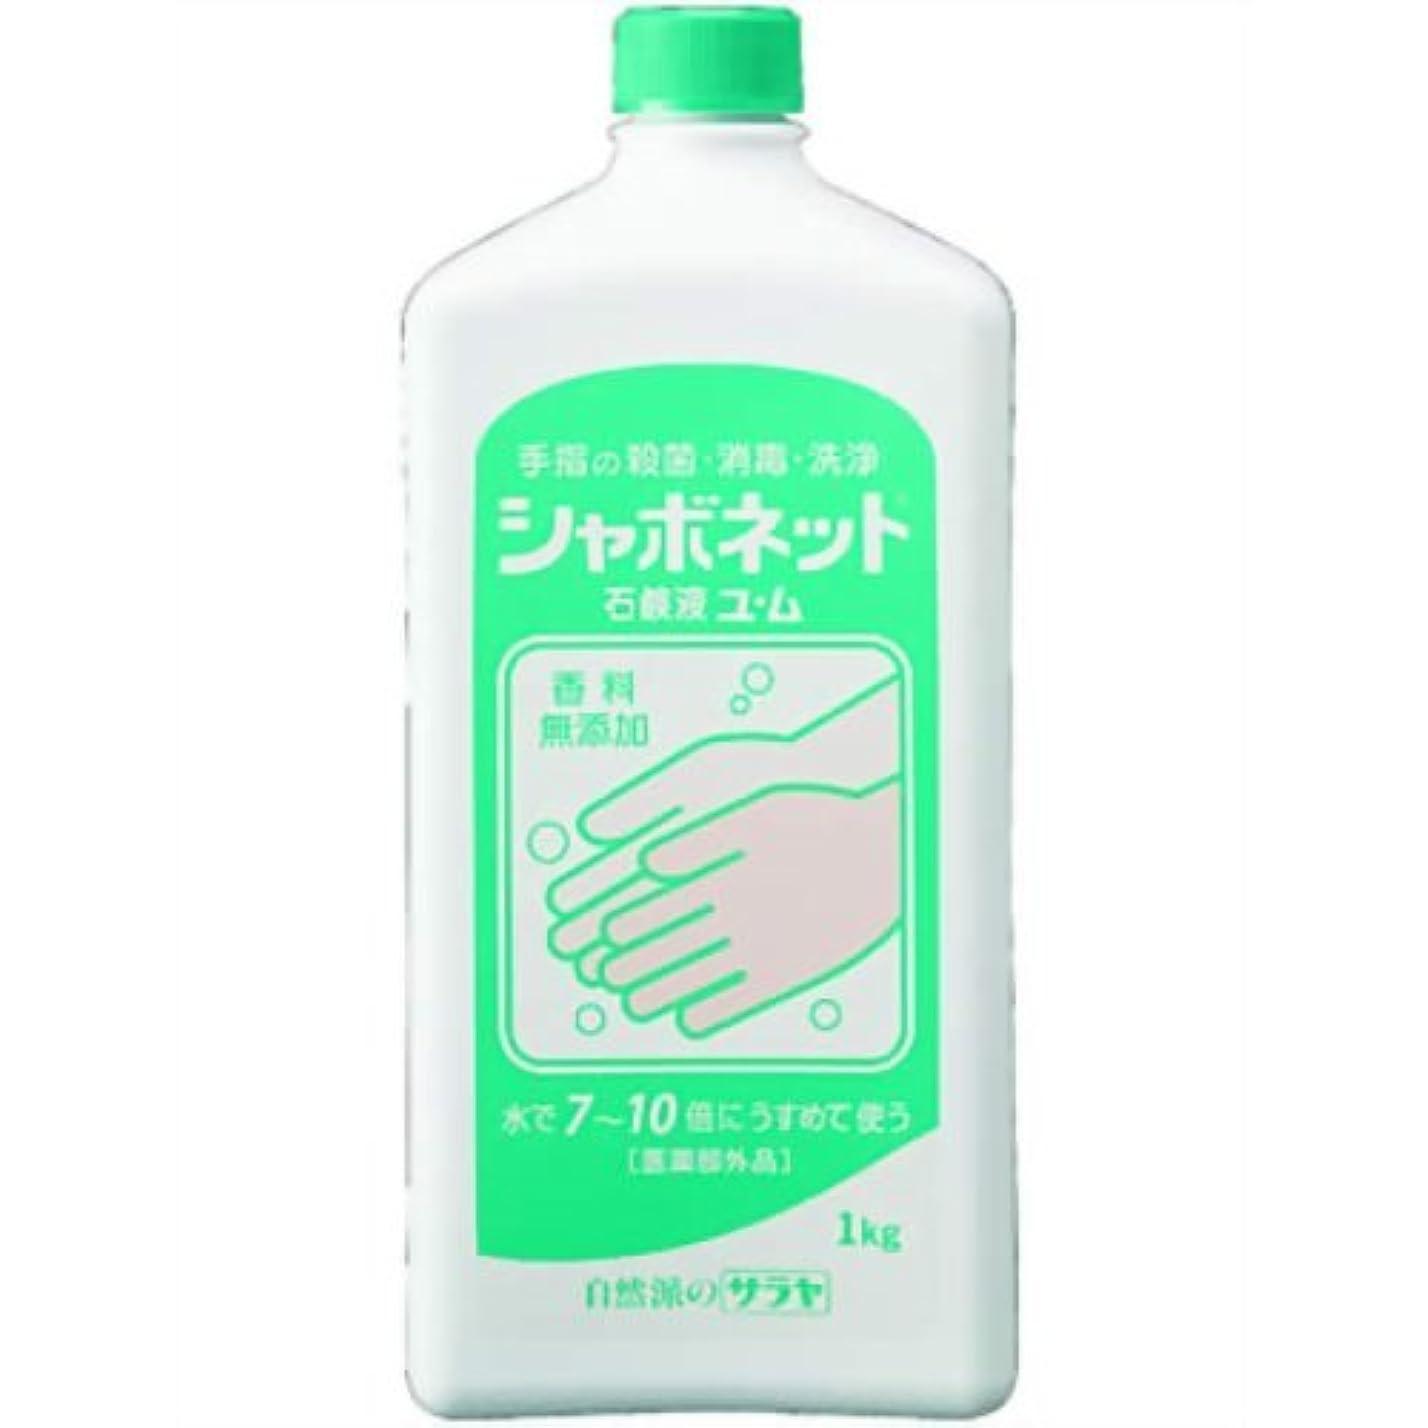 しゃがむまもなく版シャボネット石鹸液ユ?ム 1kg